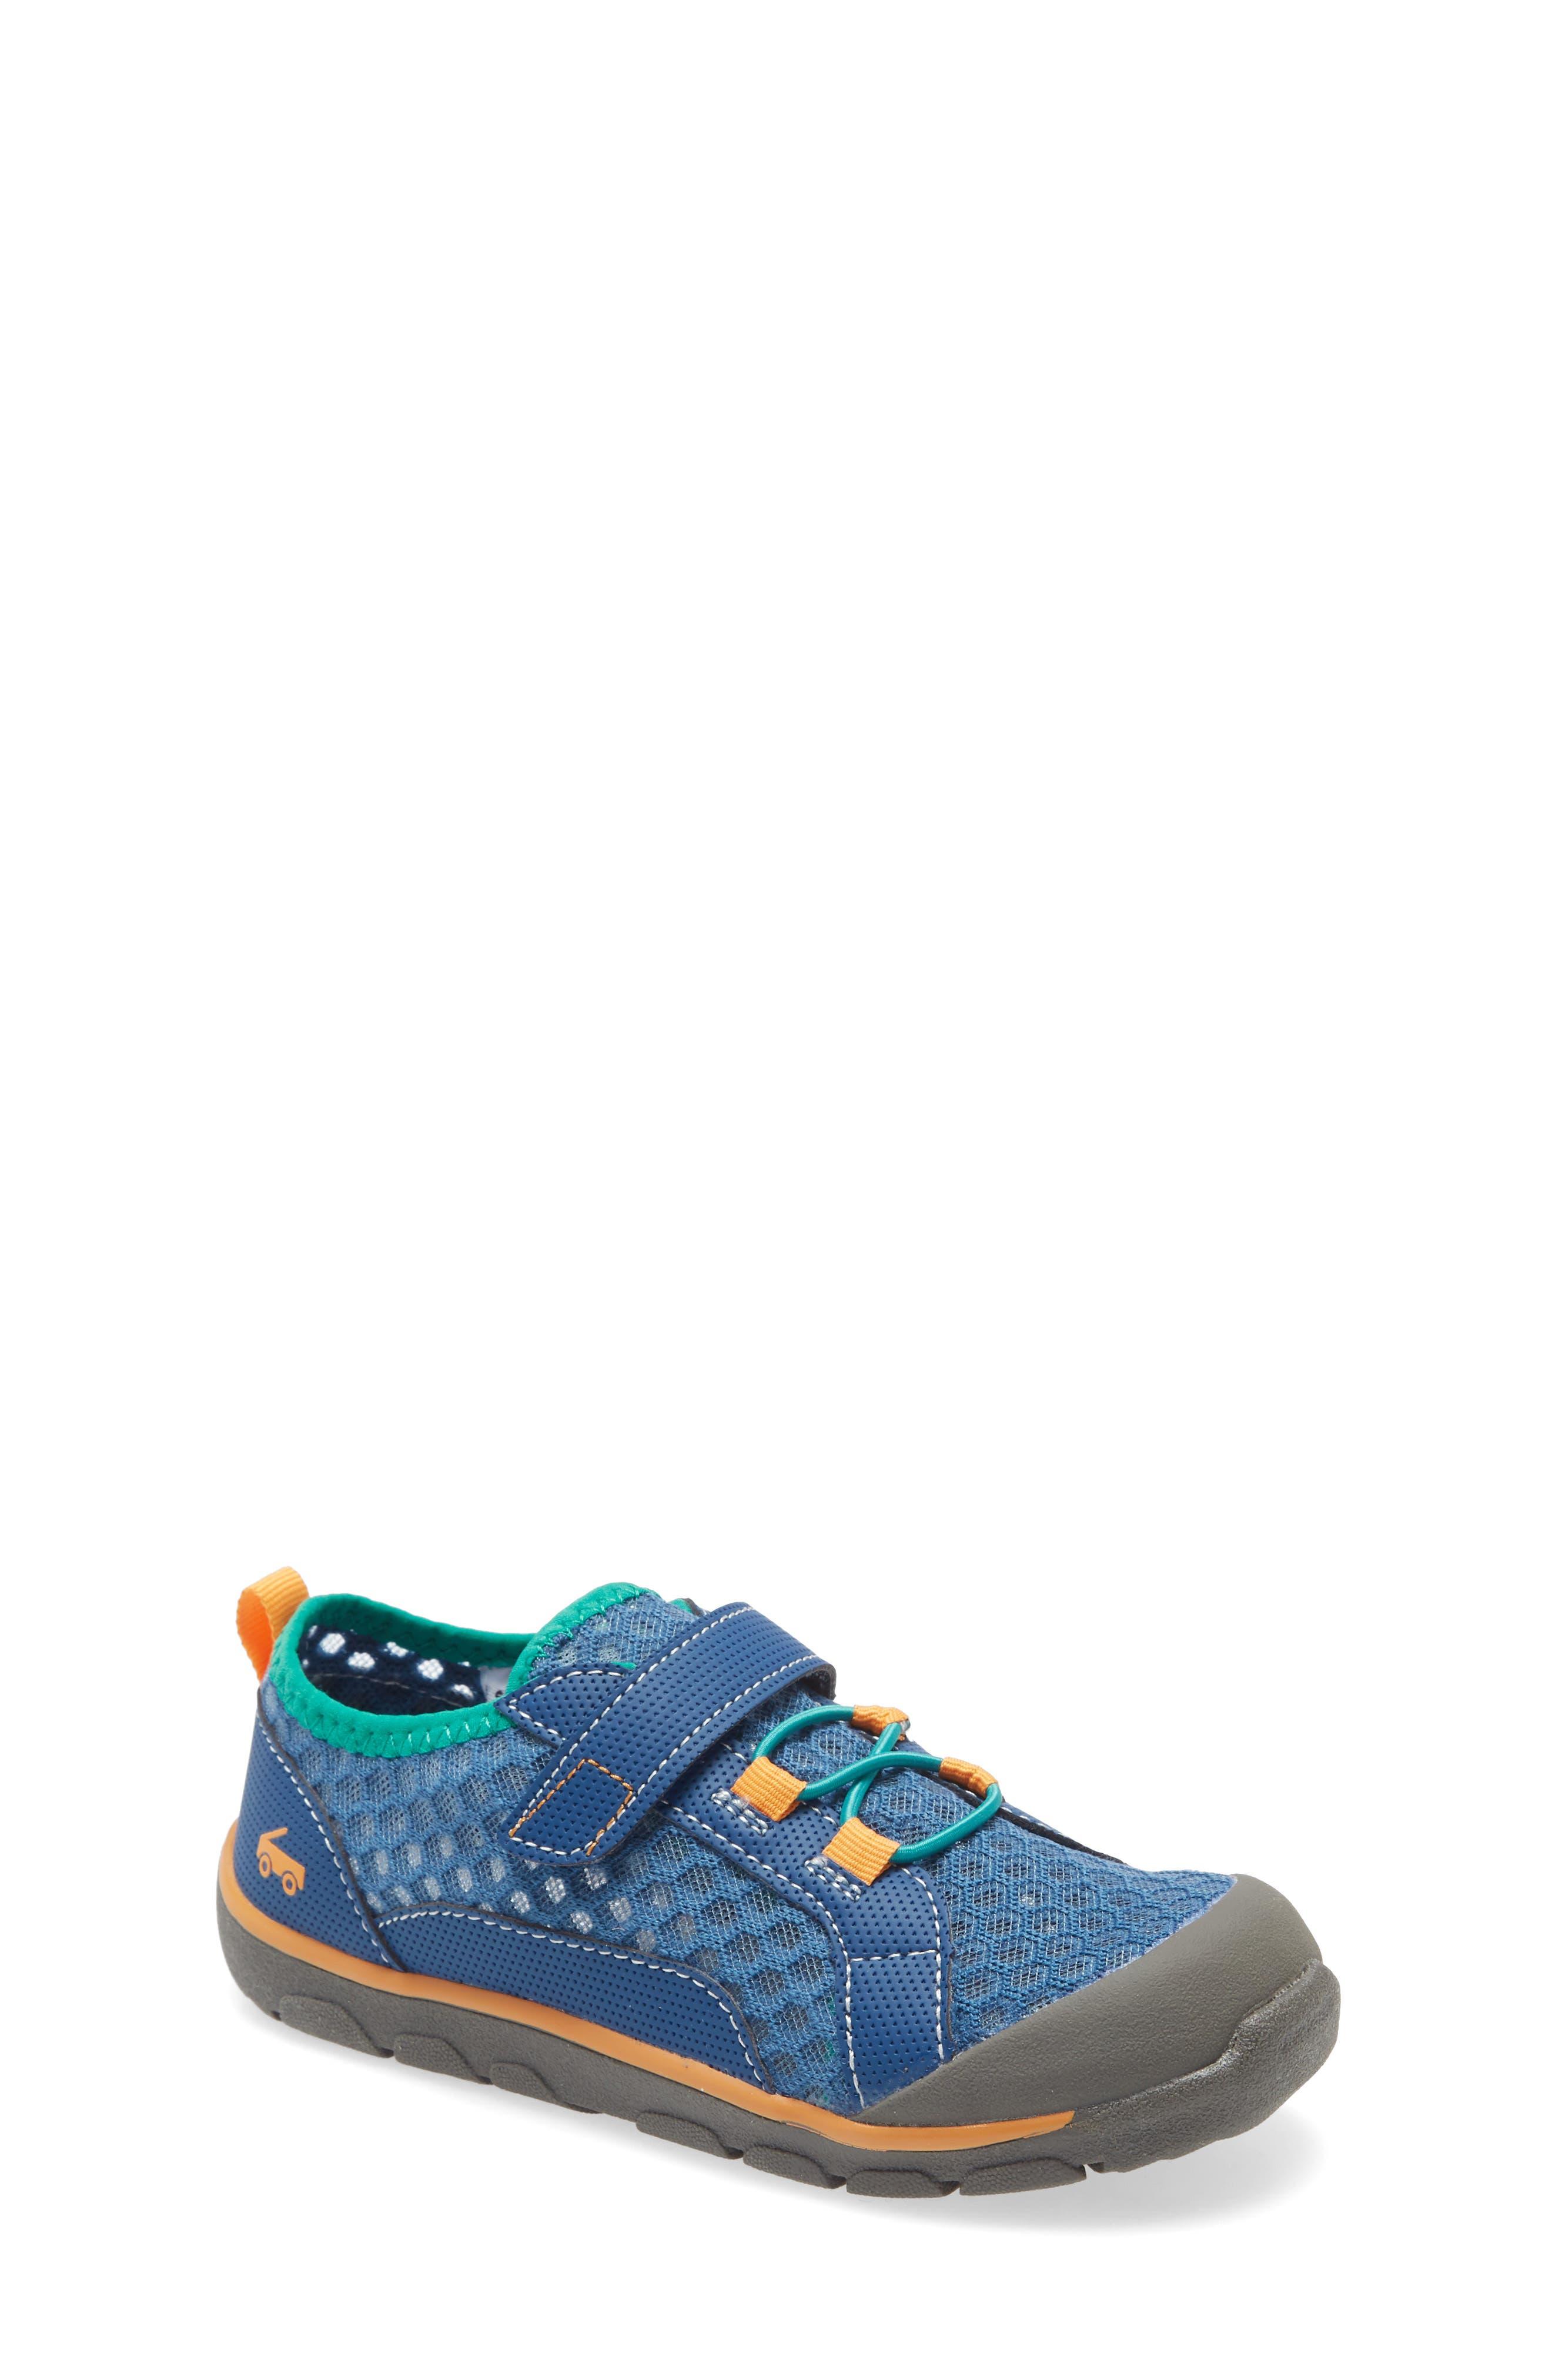 Image of See Kai Run Anker Sport Sandal